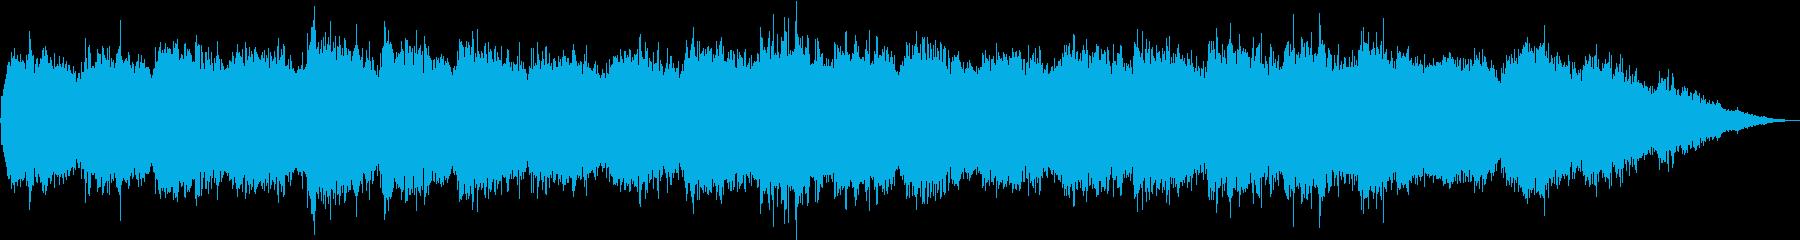 ゆったりした癒しの曲の再生済みの波形